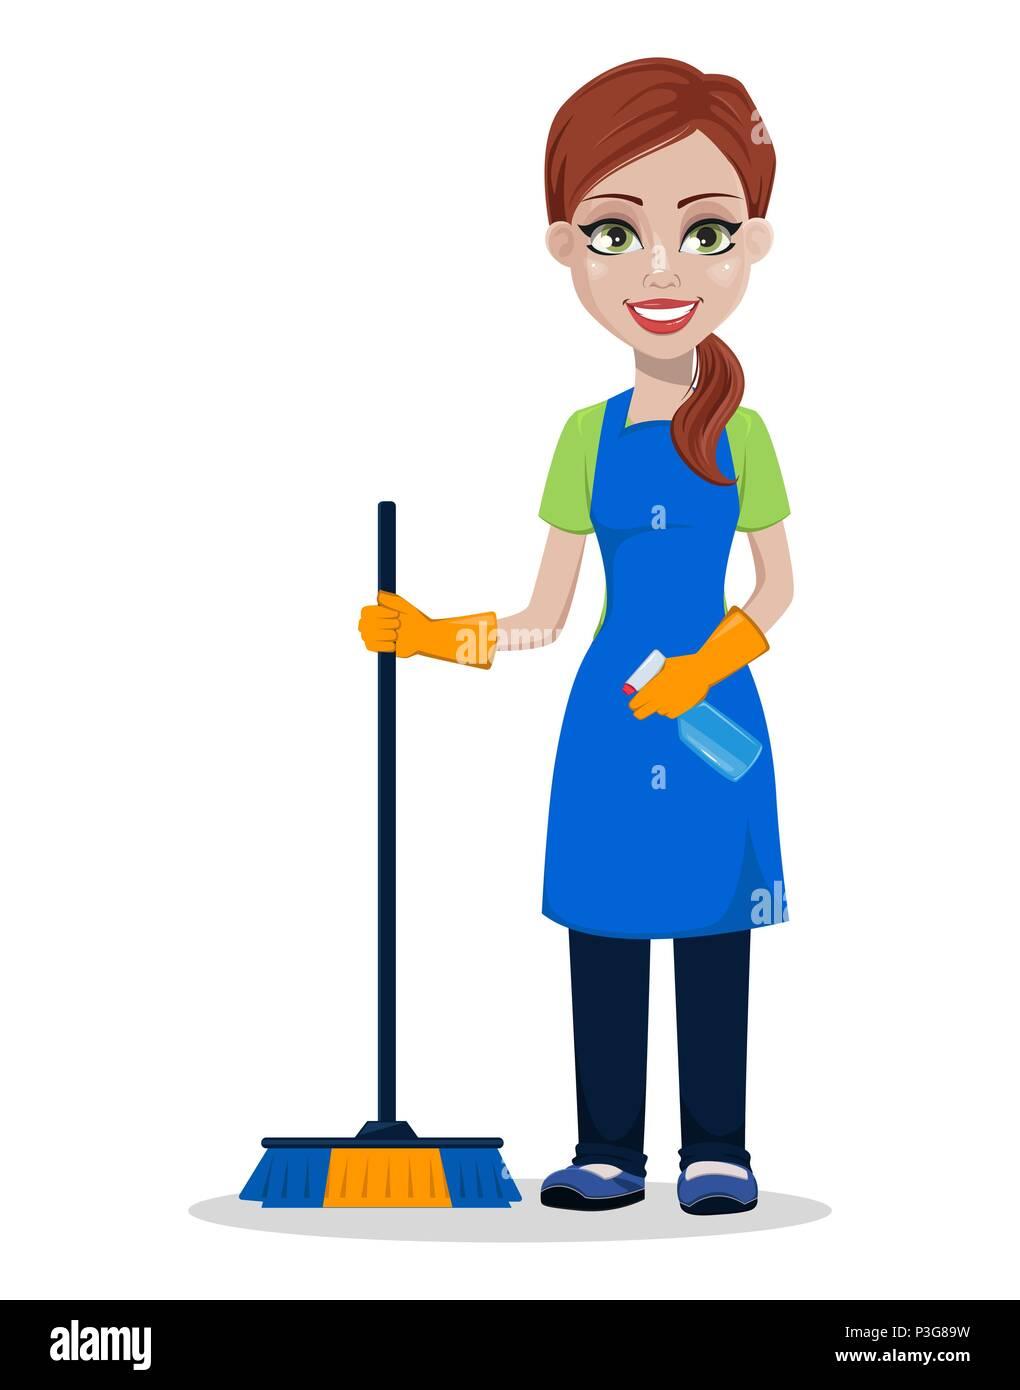 Empresa de limpieza personal en uniforme mujer - Imagenes de limpieza de casas ...